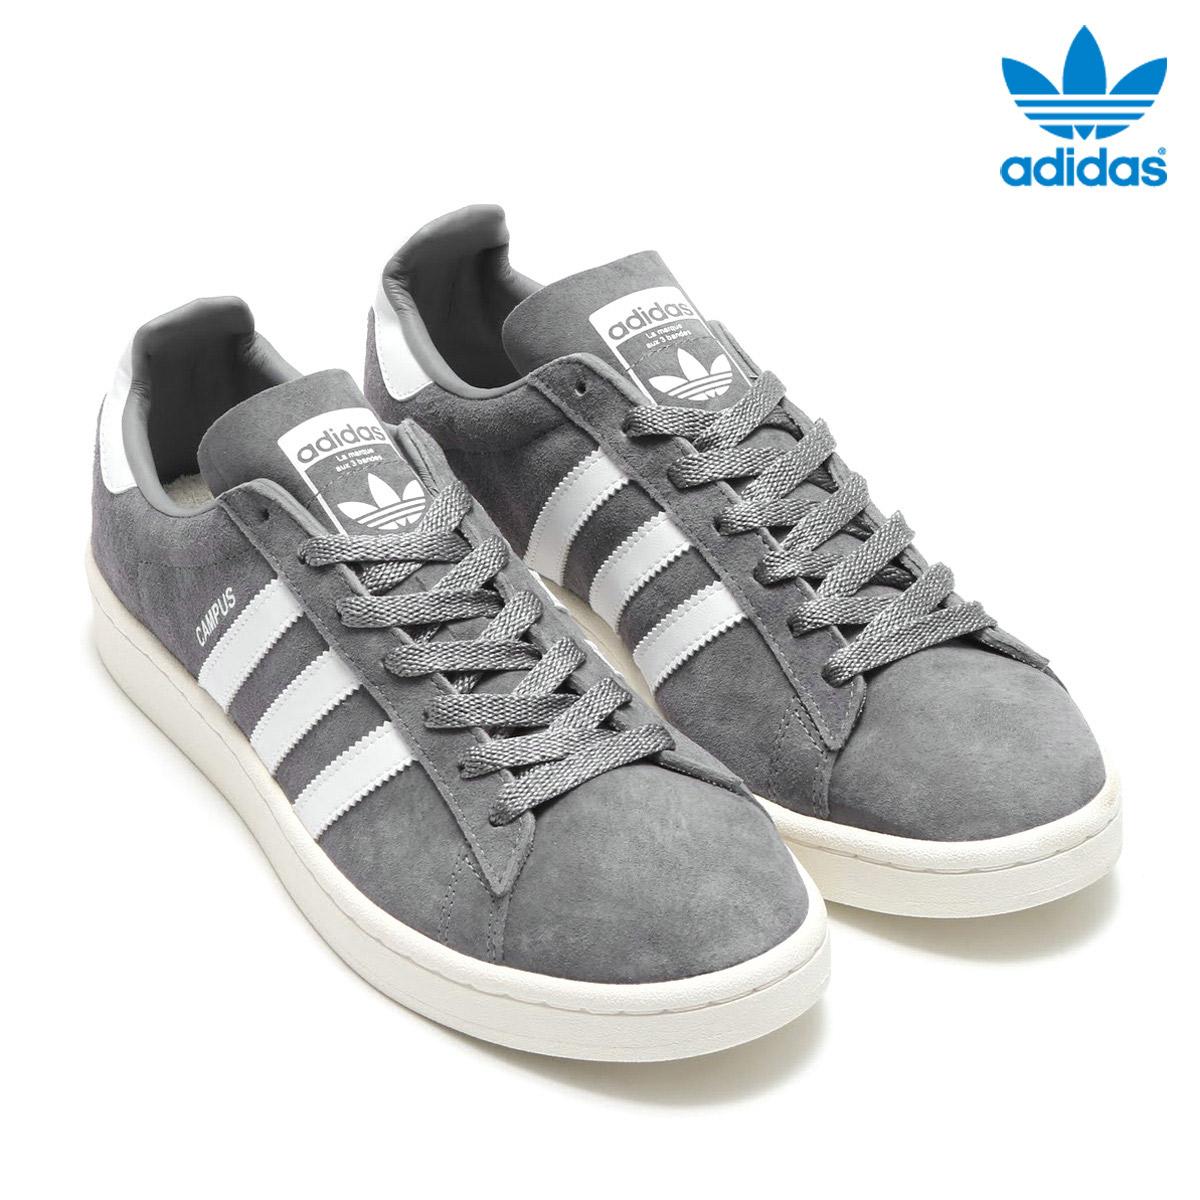 『1年保証』 adidas Originals CAMPUS(アディダス オリジナルス スニーカー】17SS-I キャンパス)(Grey オリジナルス/Running White/Chalk White/Chalk White)【メンズ レディース スニーカー】17SS-I, ミナミカタマチ:ff7a7384 --- canoncity.azurewebsites.net